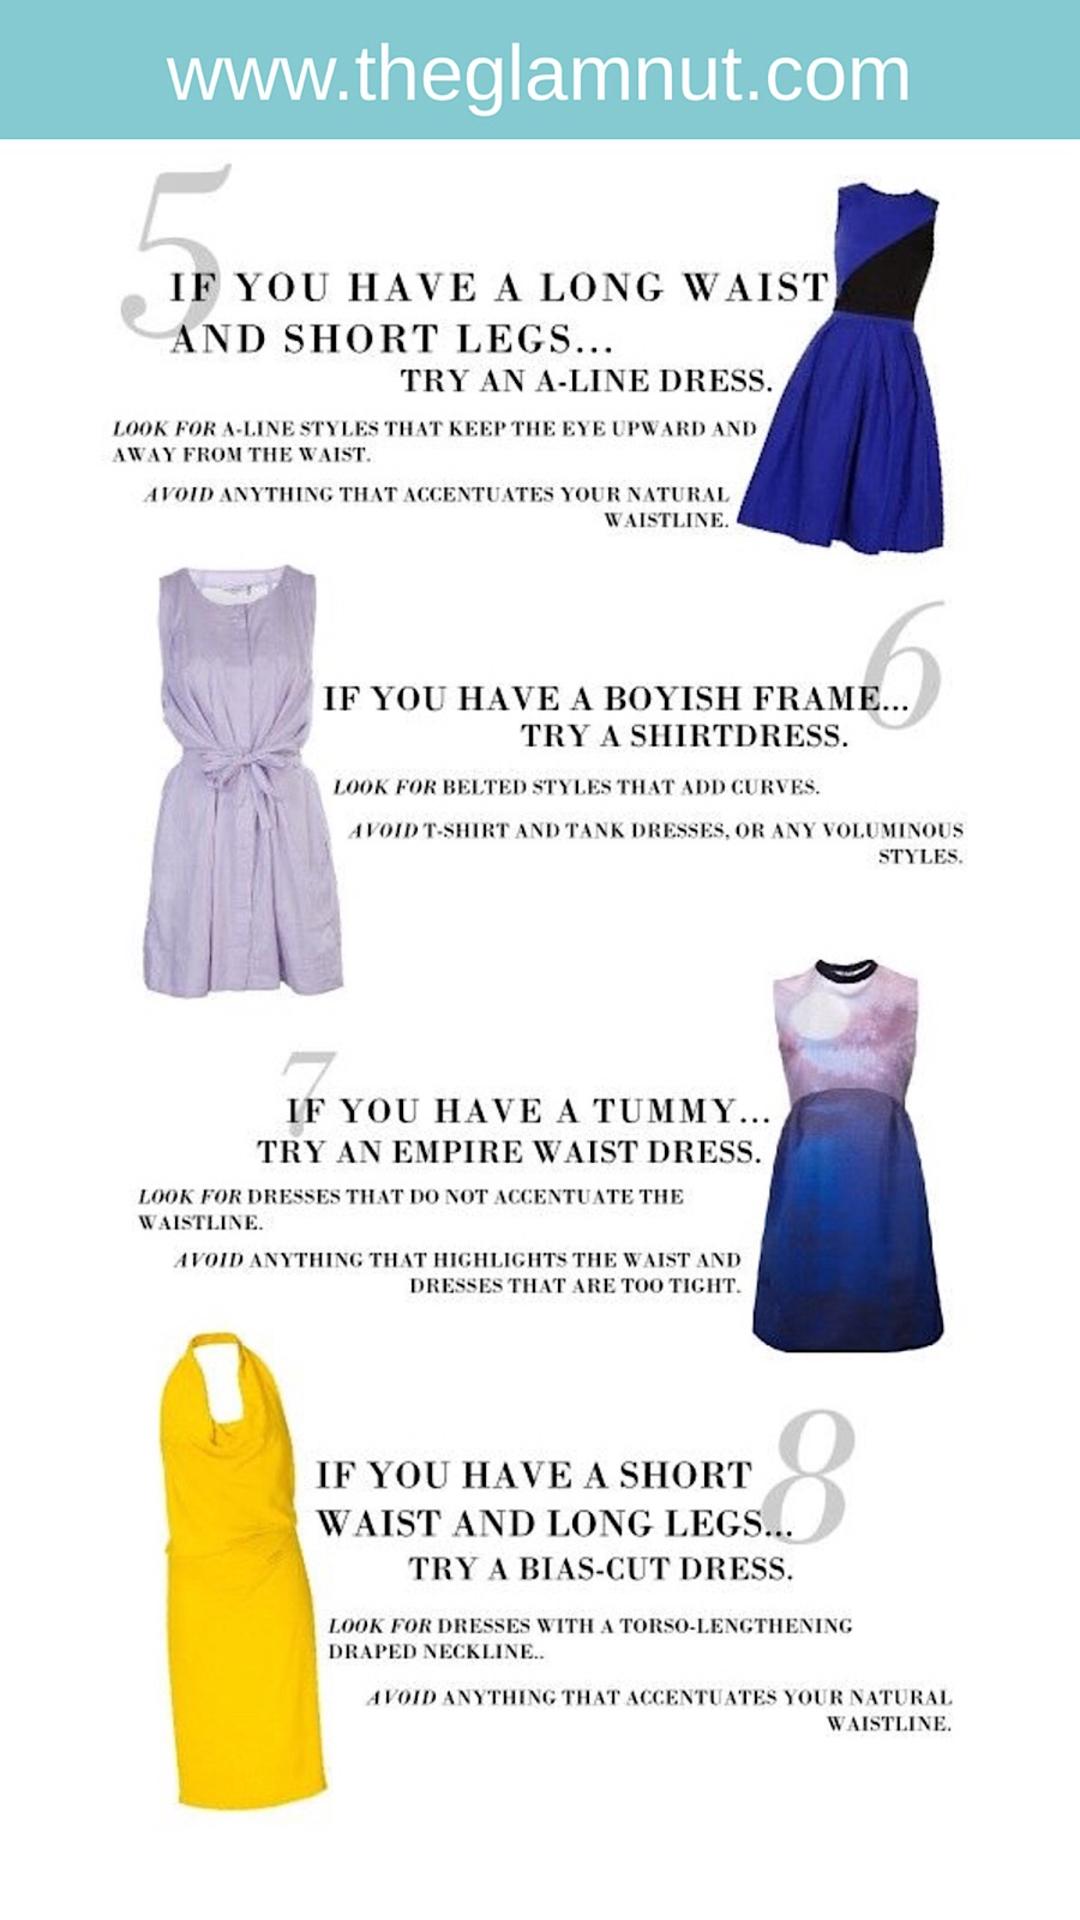 THE GLAM NUT - Fashion & Lifestyle Blog - E05FFABA-264A-4A3D-BDDC-33746CA15BA2